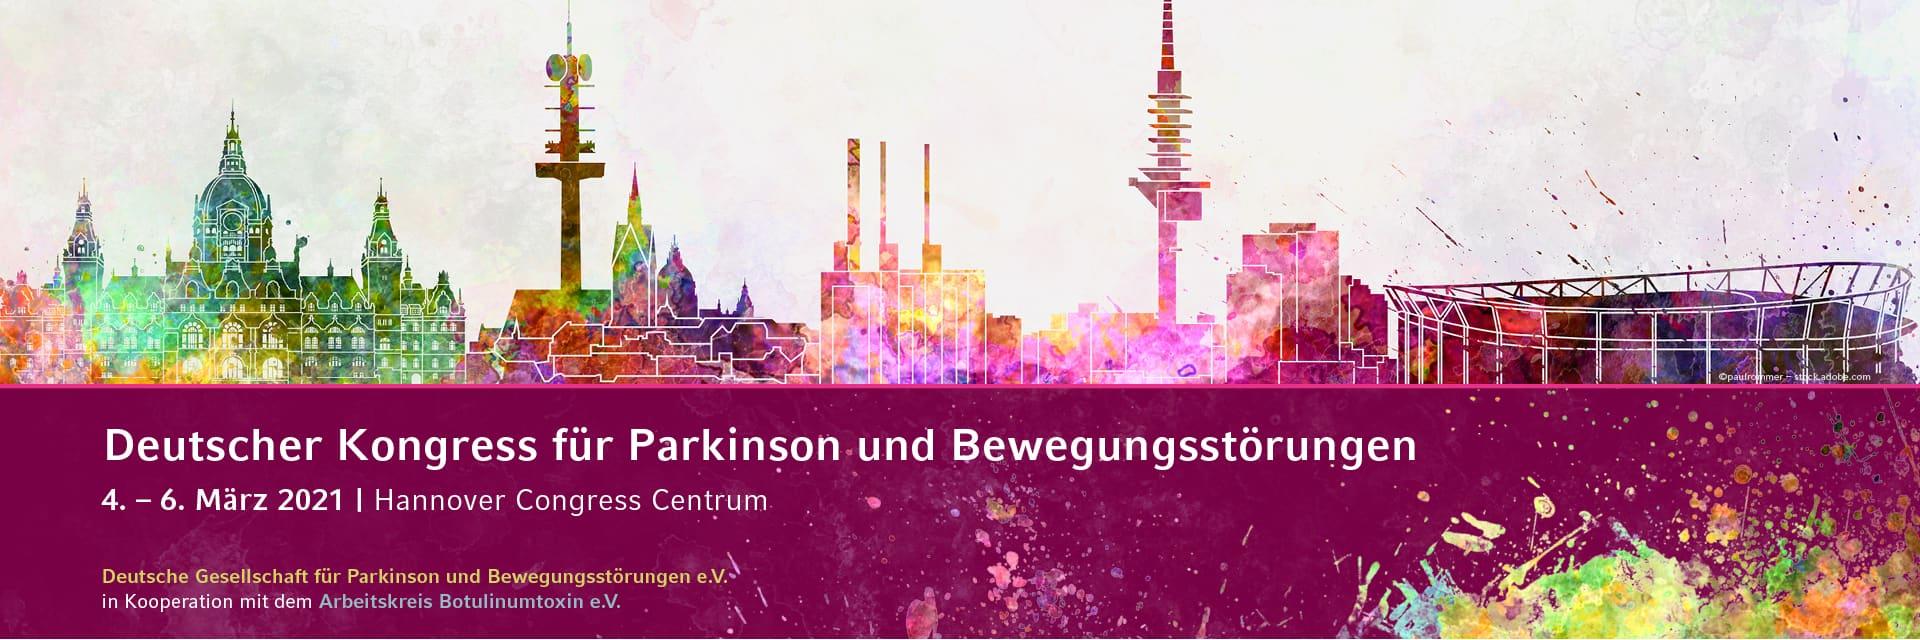 Deutscher Kongress für Parkinson und Bewegungsstörungen 2019 Düsseldorf